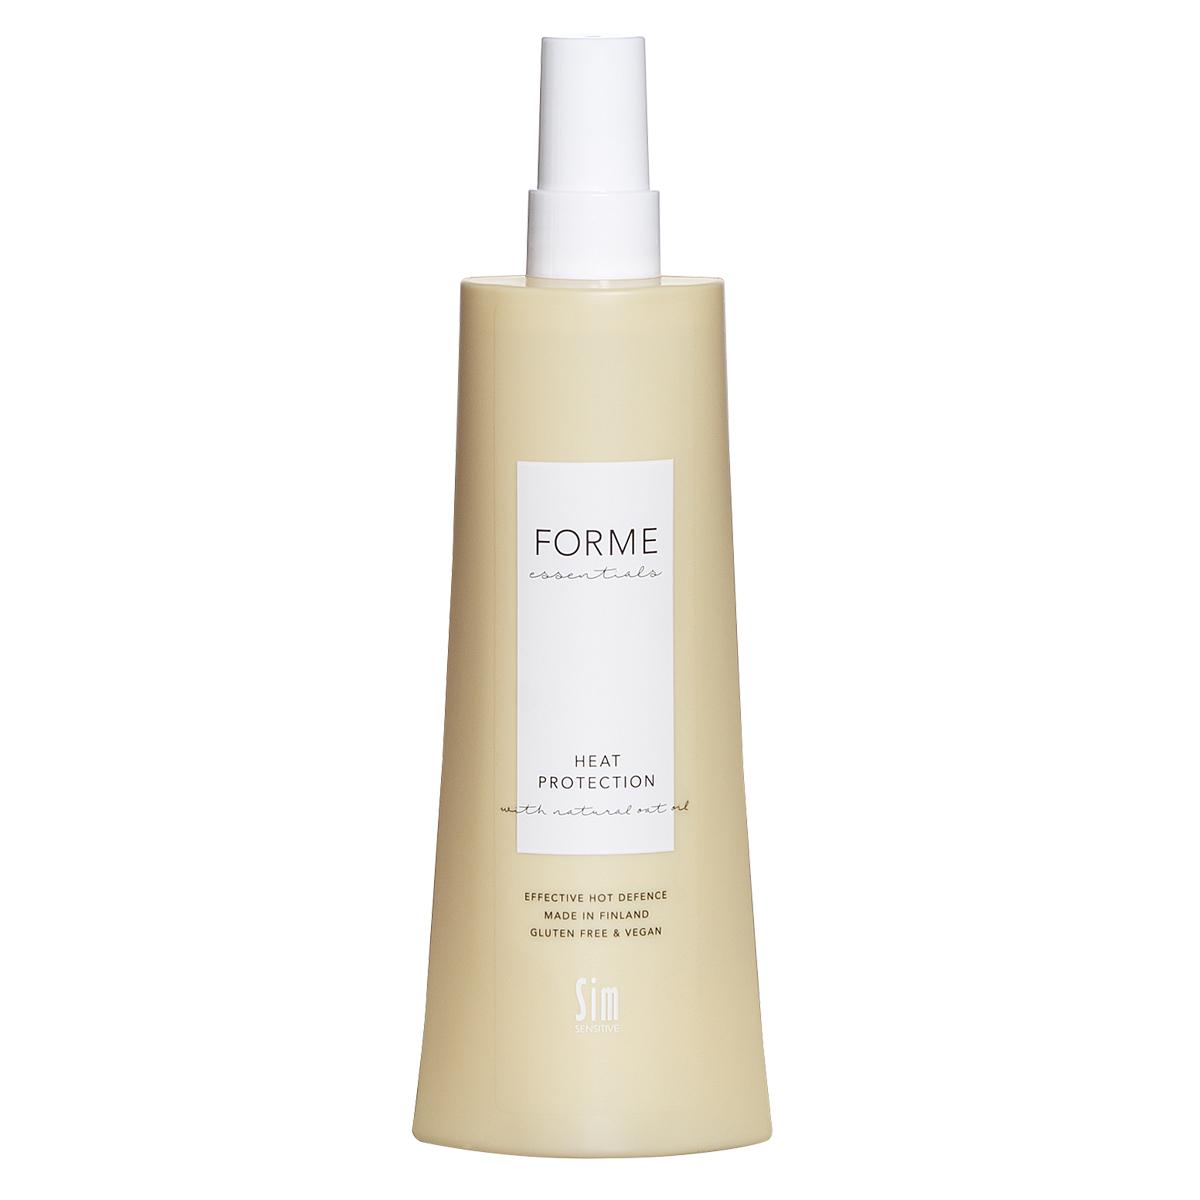 Купить Спрей для волос FORME Essentials Heat Protection термозащитный 250 мл